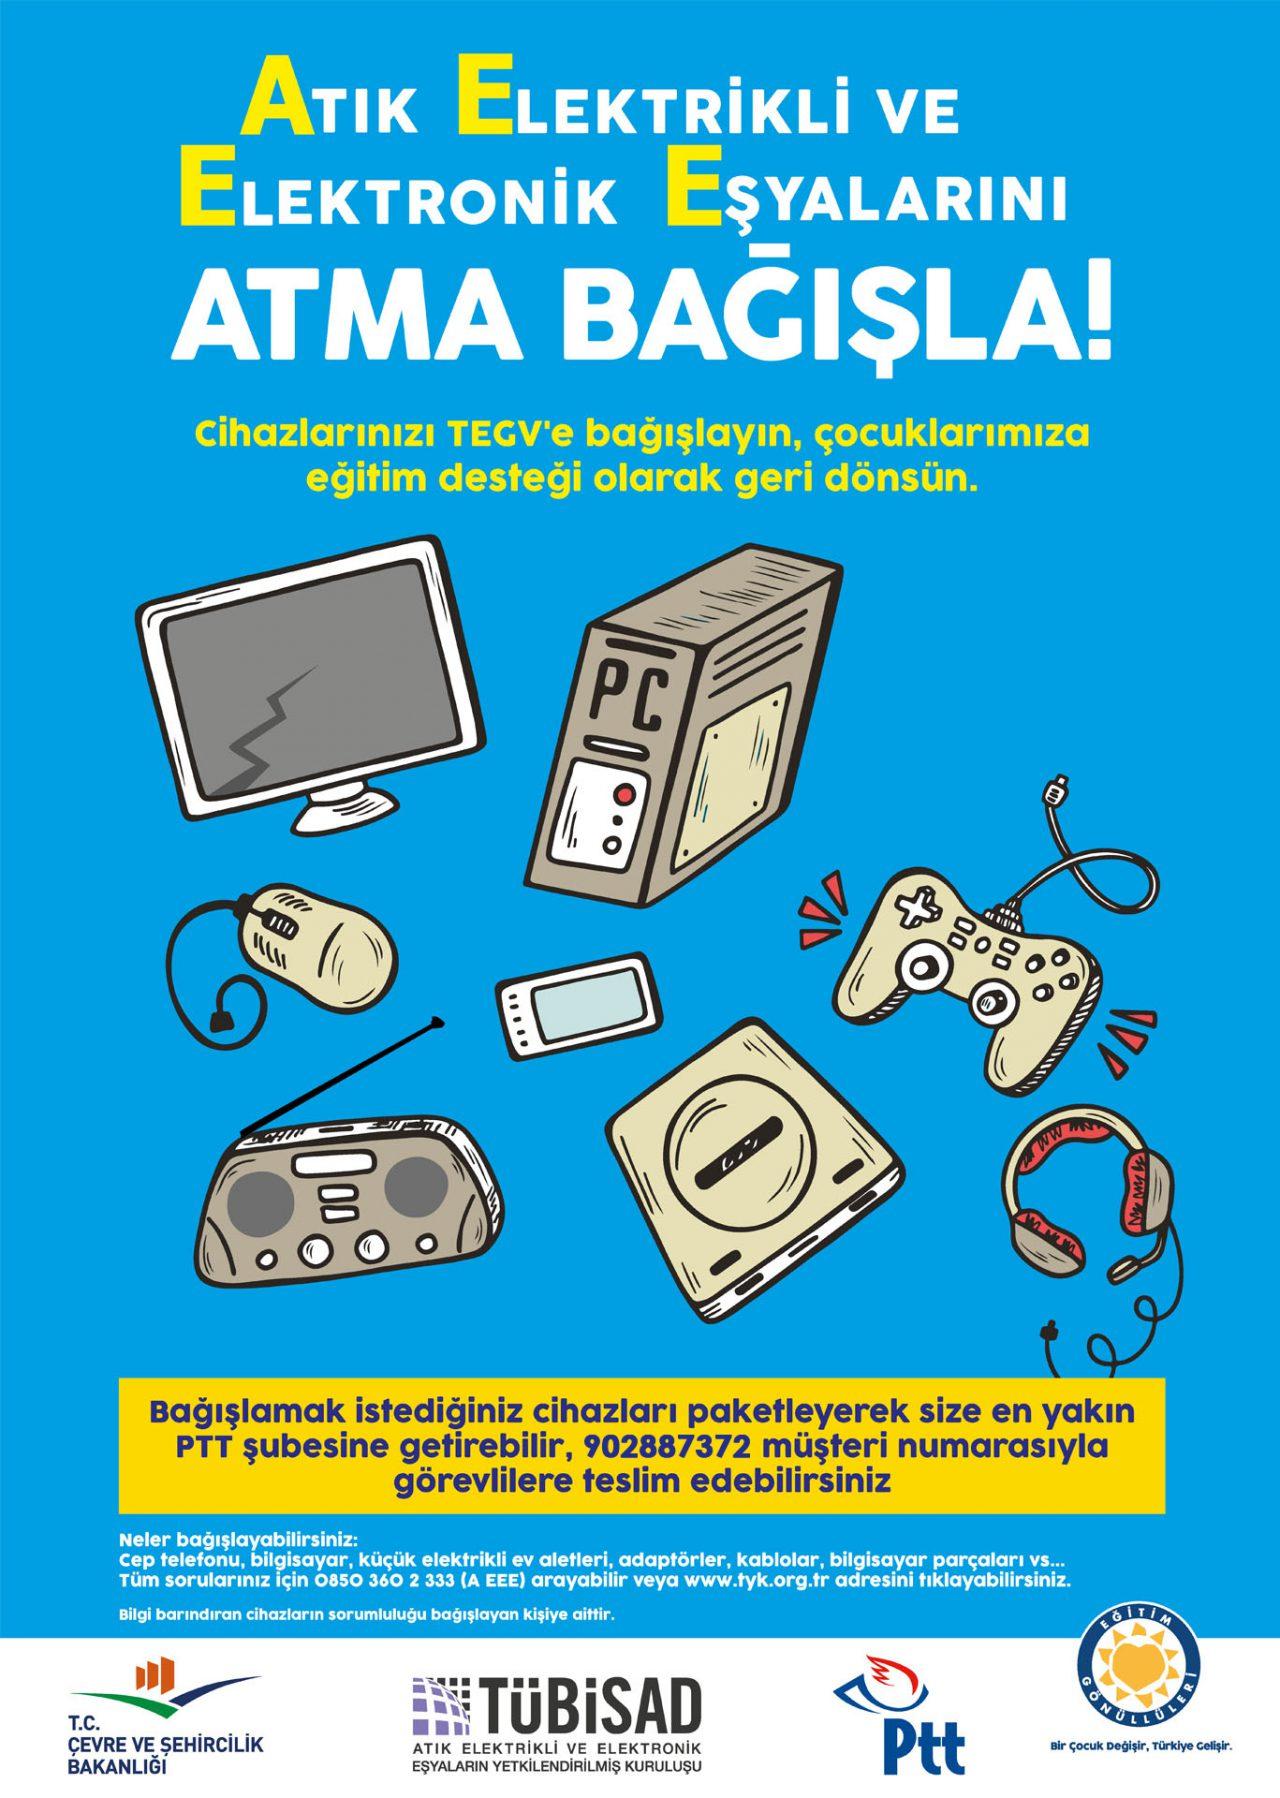 Atık elektrikli ve elektronik eşyalarını atma bağışla